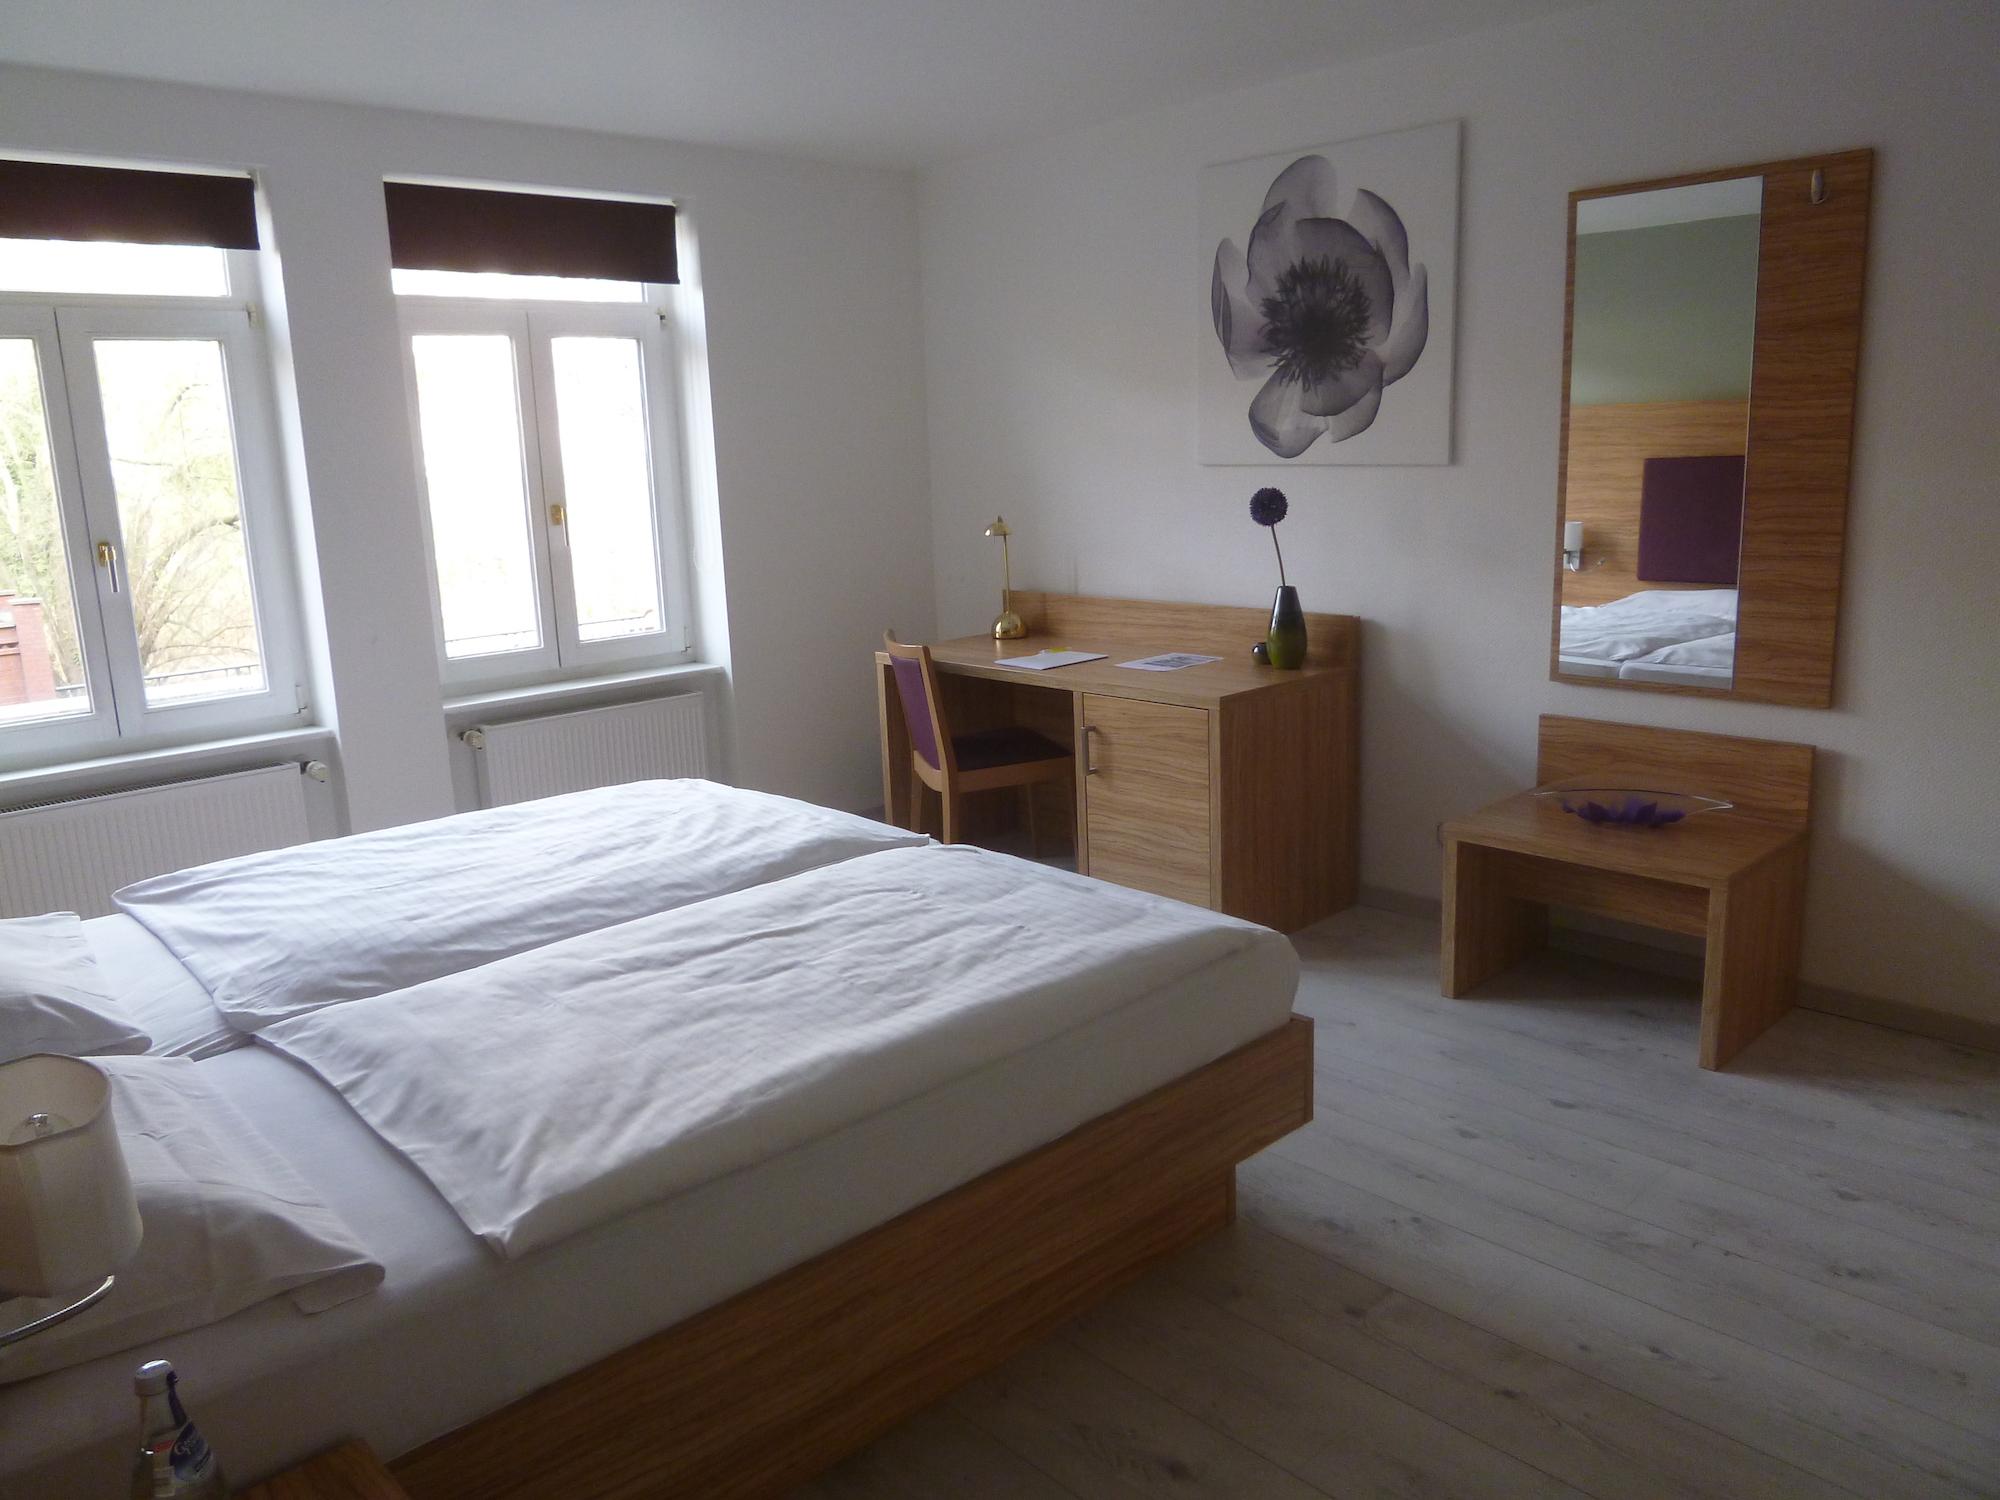 Hotel Halle Appartementhaus Zimmer 3.JPG